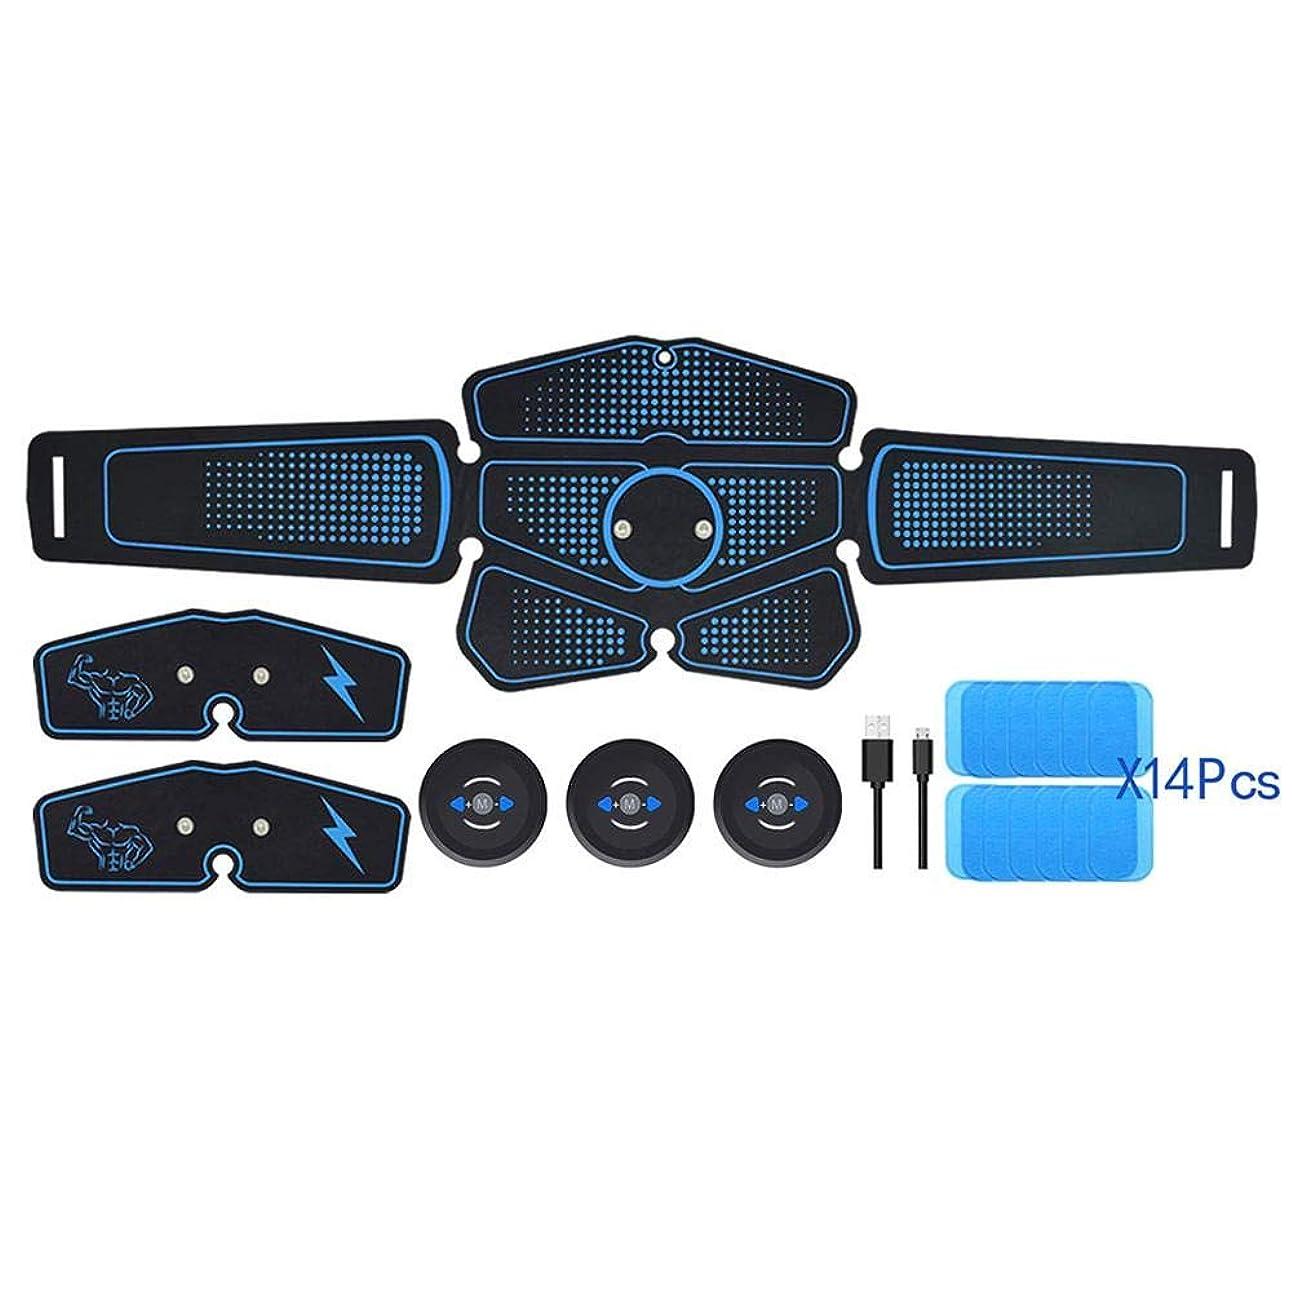 ネズミセクションそのLing(リンー)-スポーツ 腹筋ベルト 腕筋 腹筋 筋肉訓練器具 USB充電式 10段階強度 6つモード 軽量 快適 耐摩耗性 使用しやすい